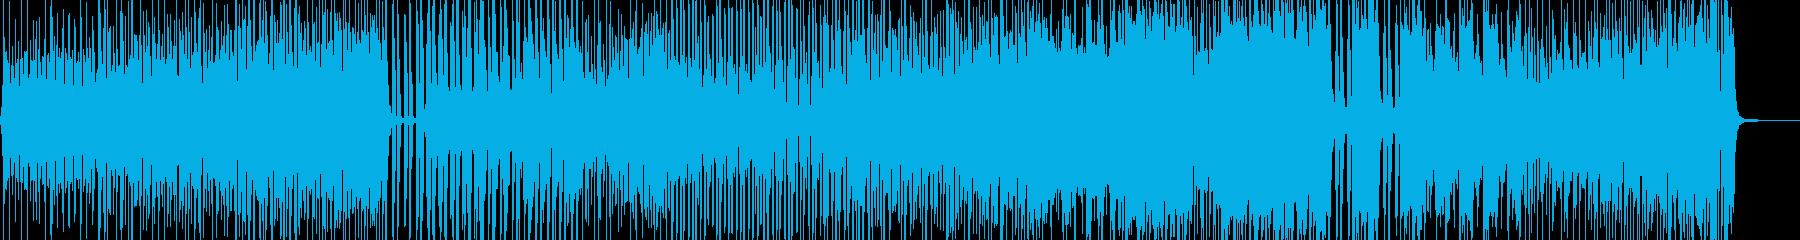 七変化アニメーションダンス調ポップ A2の再生済みの波形